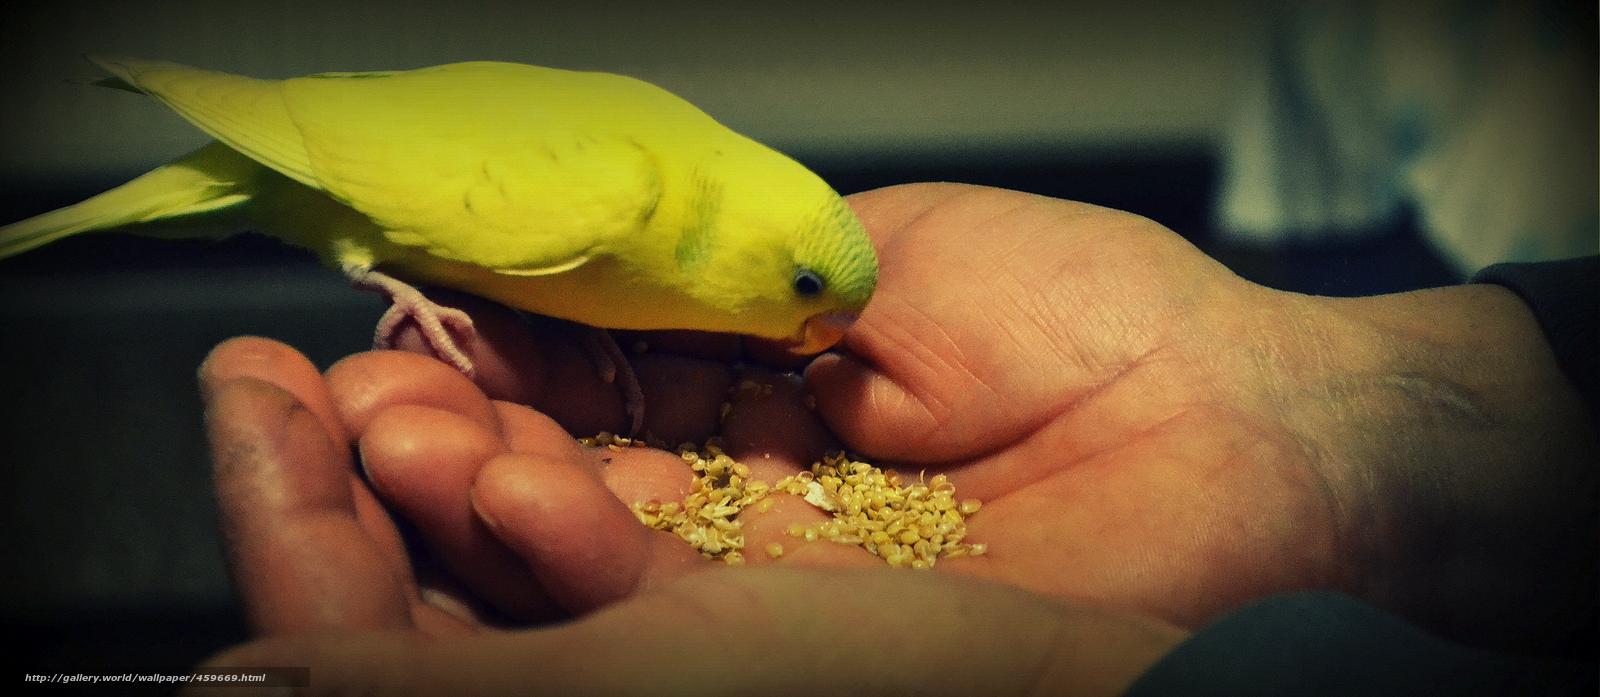 Скачать обои домашние животные,  продукты питания,  попугаи,  pets бесплатно для рабочего стола в разрешении 4263x1858 — картинка №459669